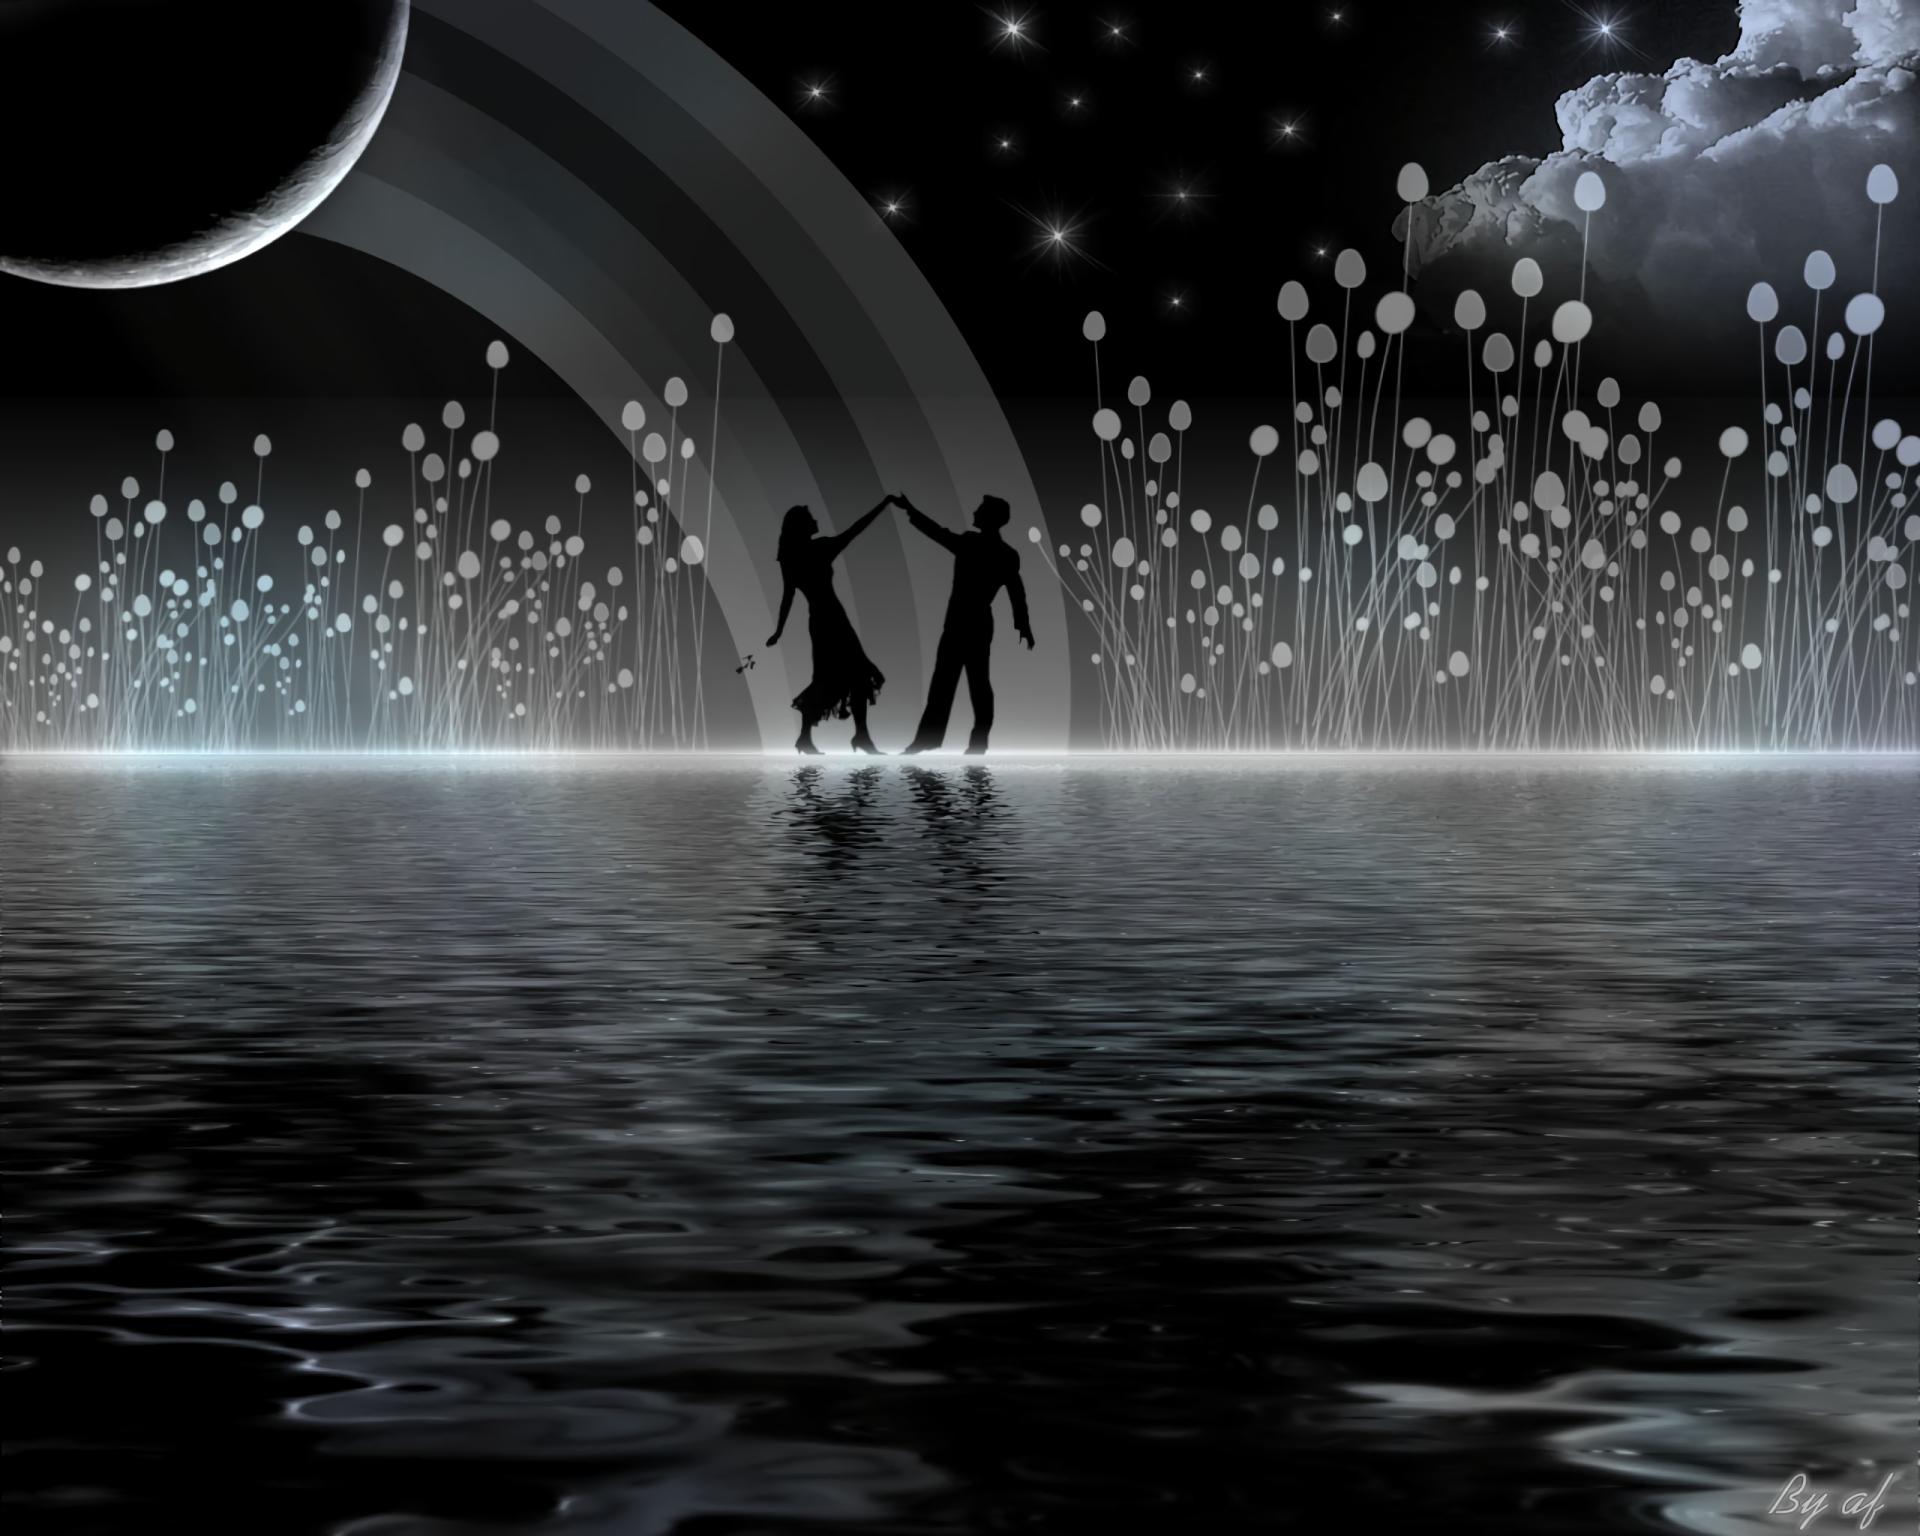 Художественные - Любовь  Художественные Man Woman Dancing Облака Луна Ночь Обои